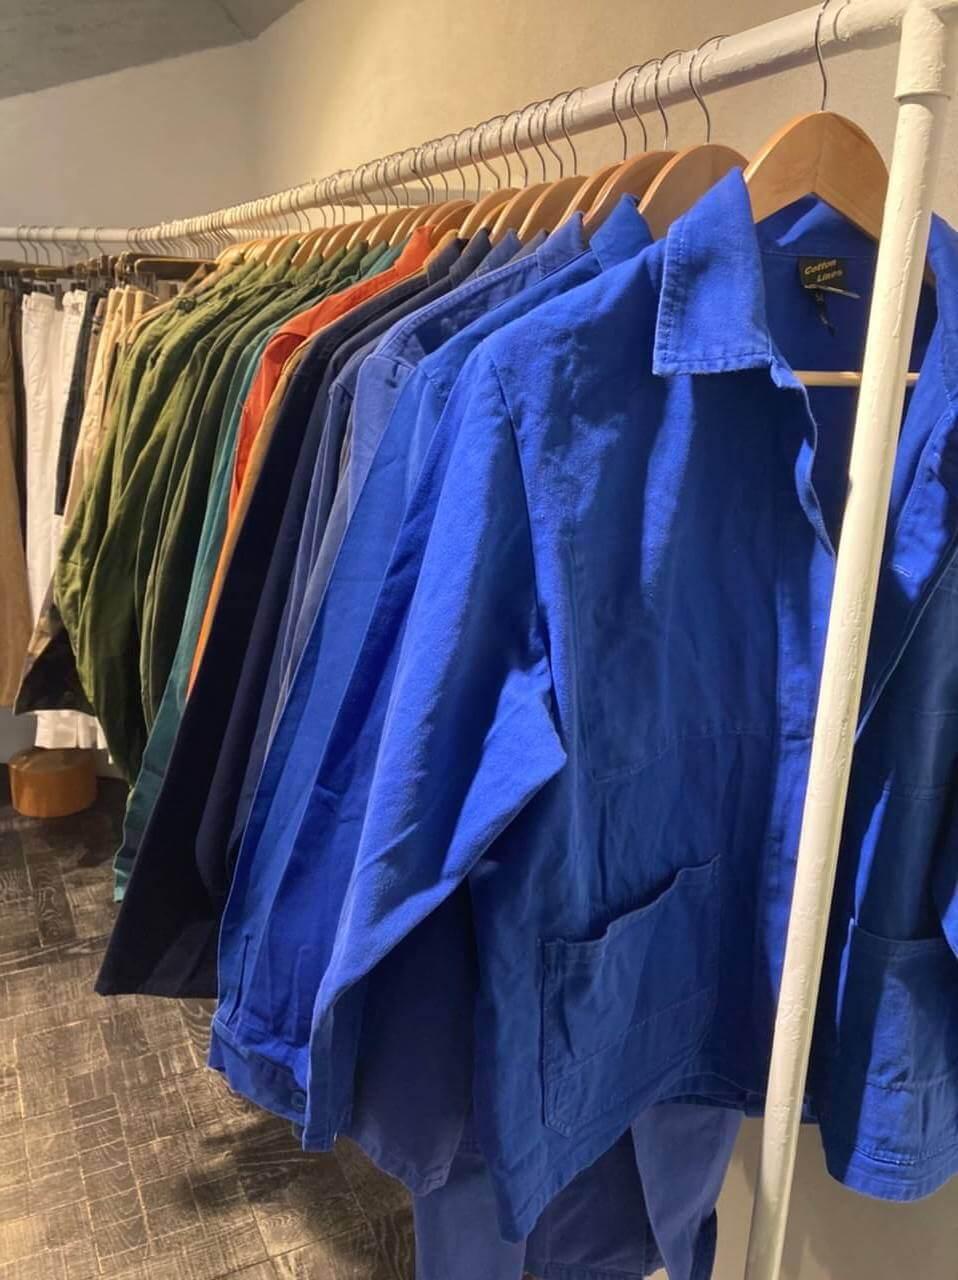 T-BONE VINTAGE(Tボーンヴィンテージ)で販売しているジャケット